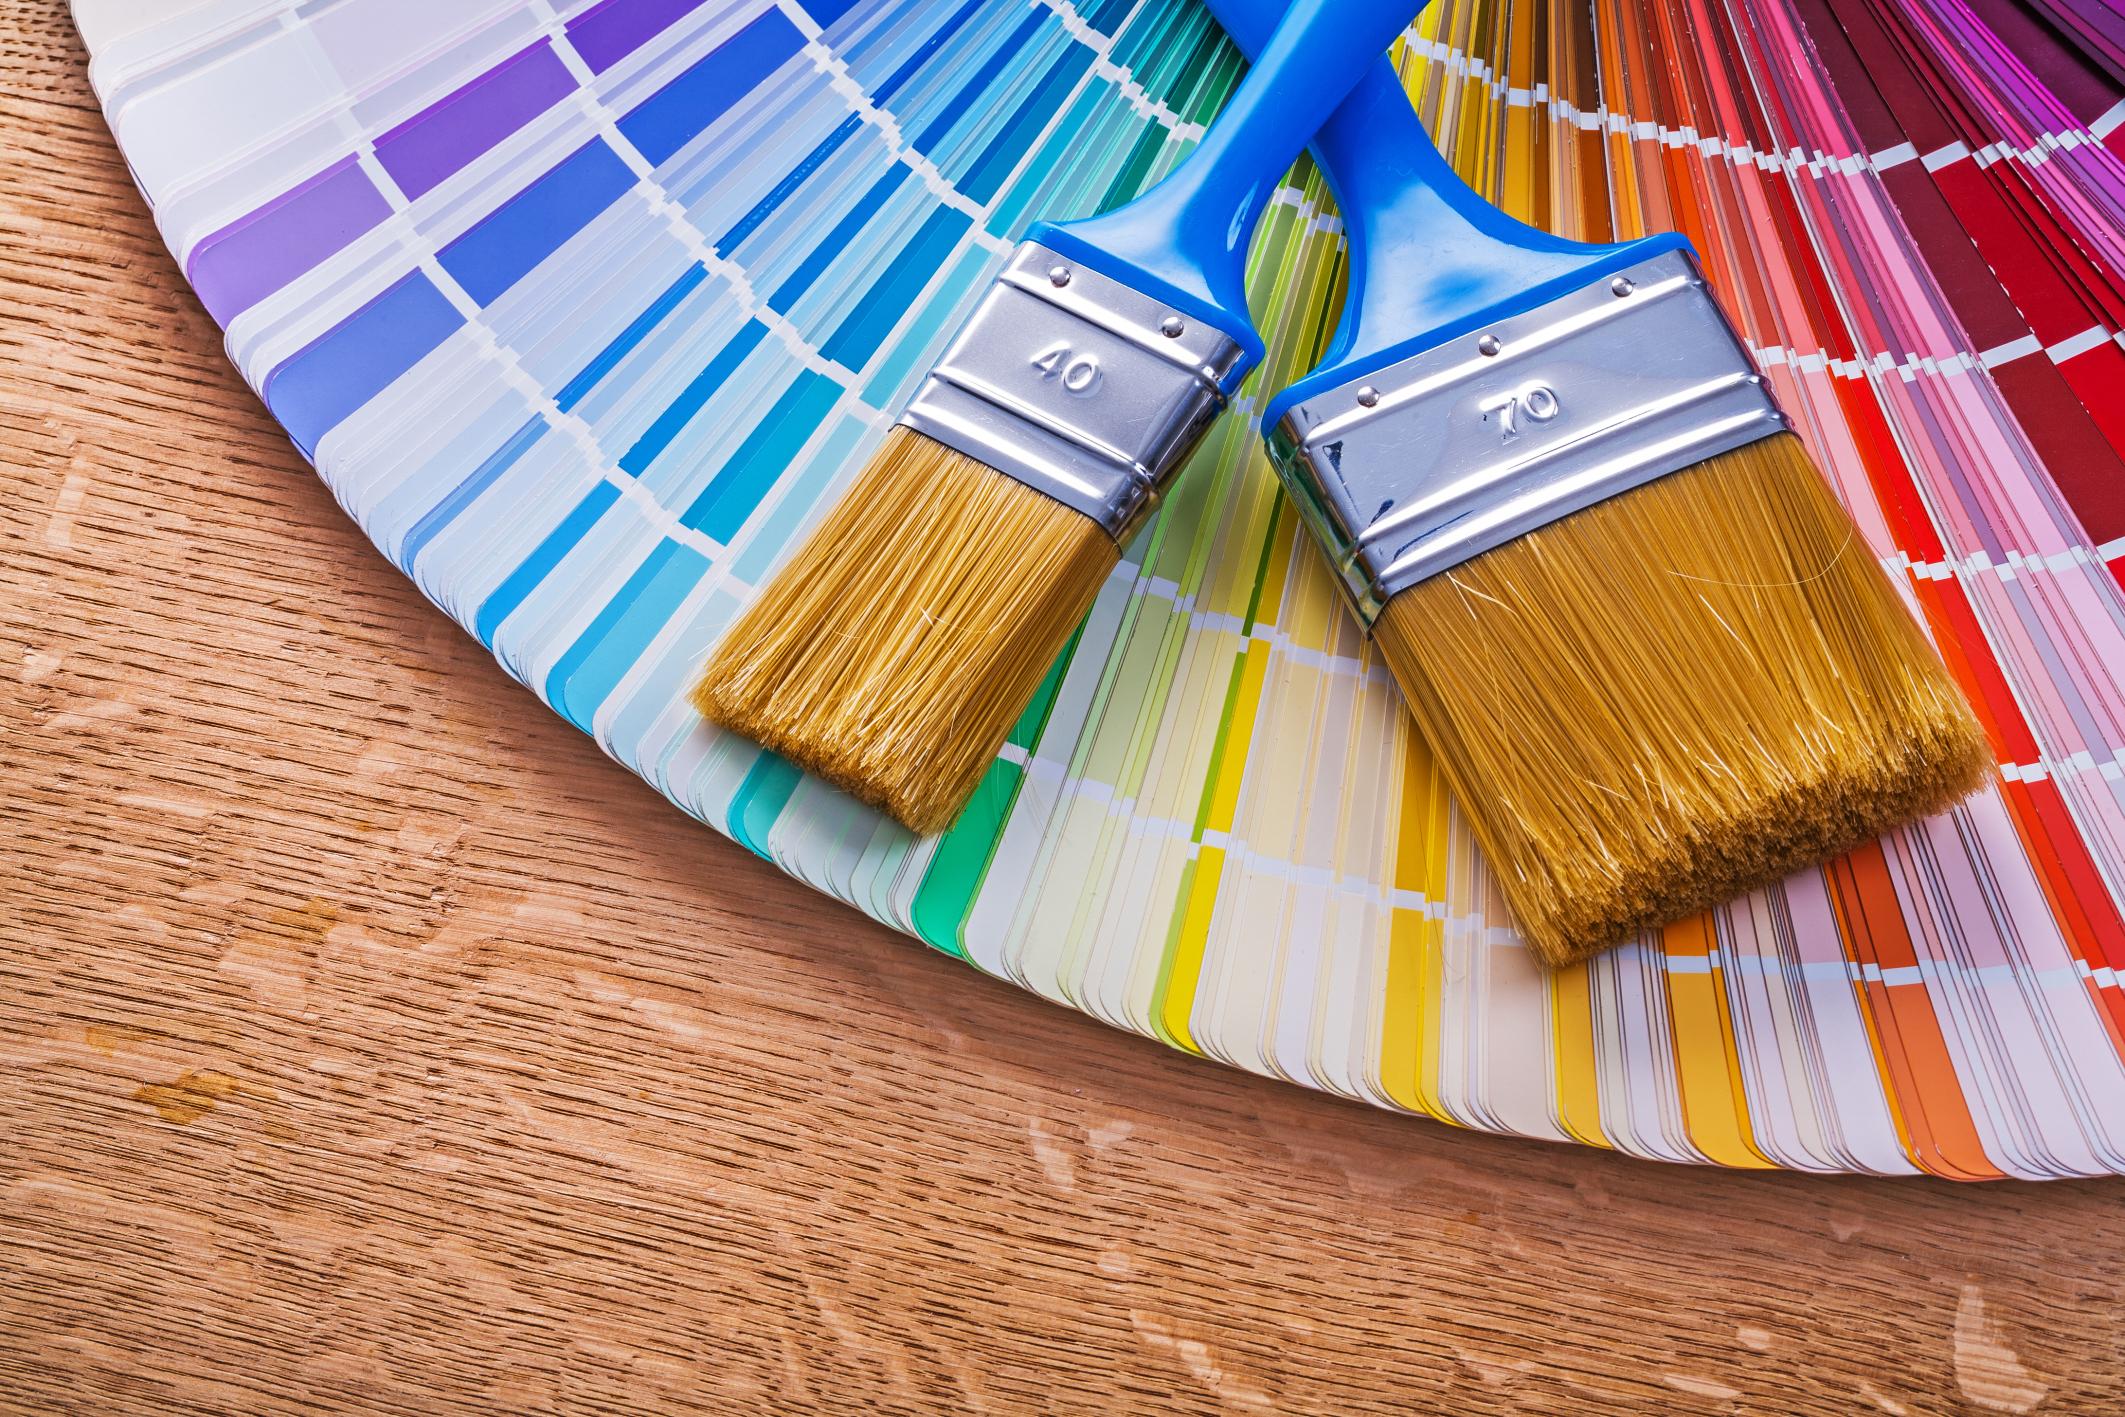 Paint brushes on pantone color palette guide maintenance concept.